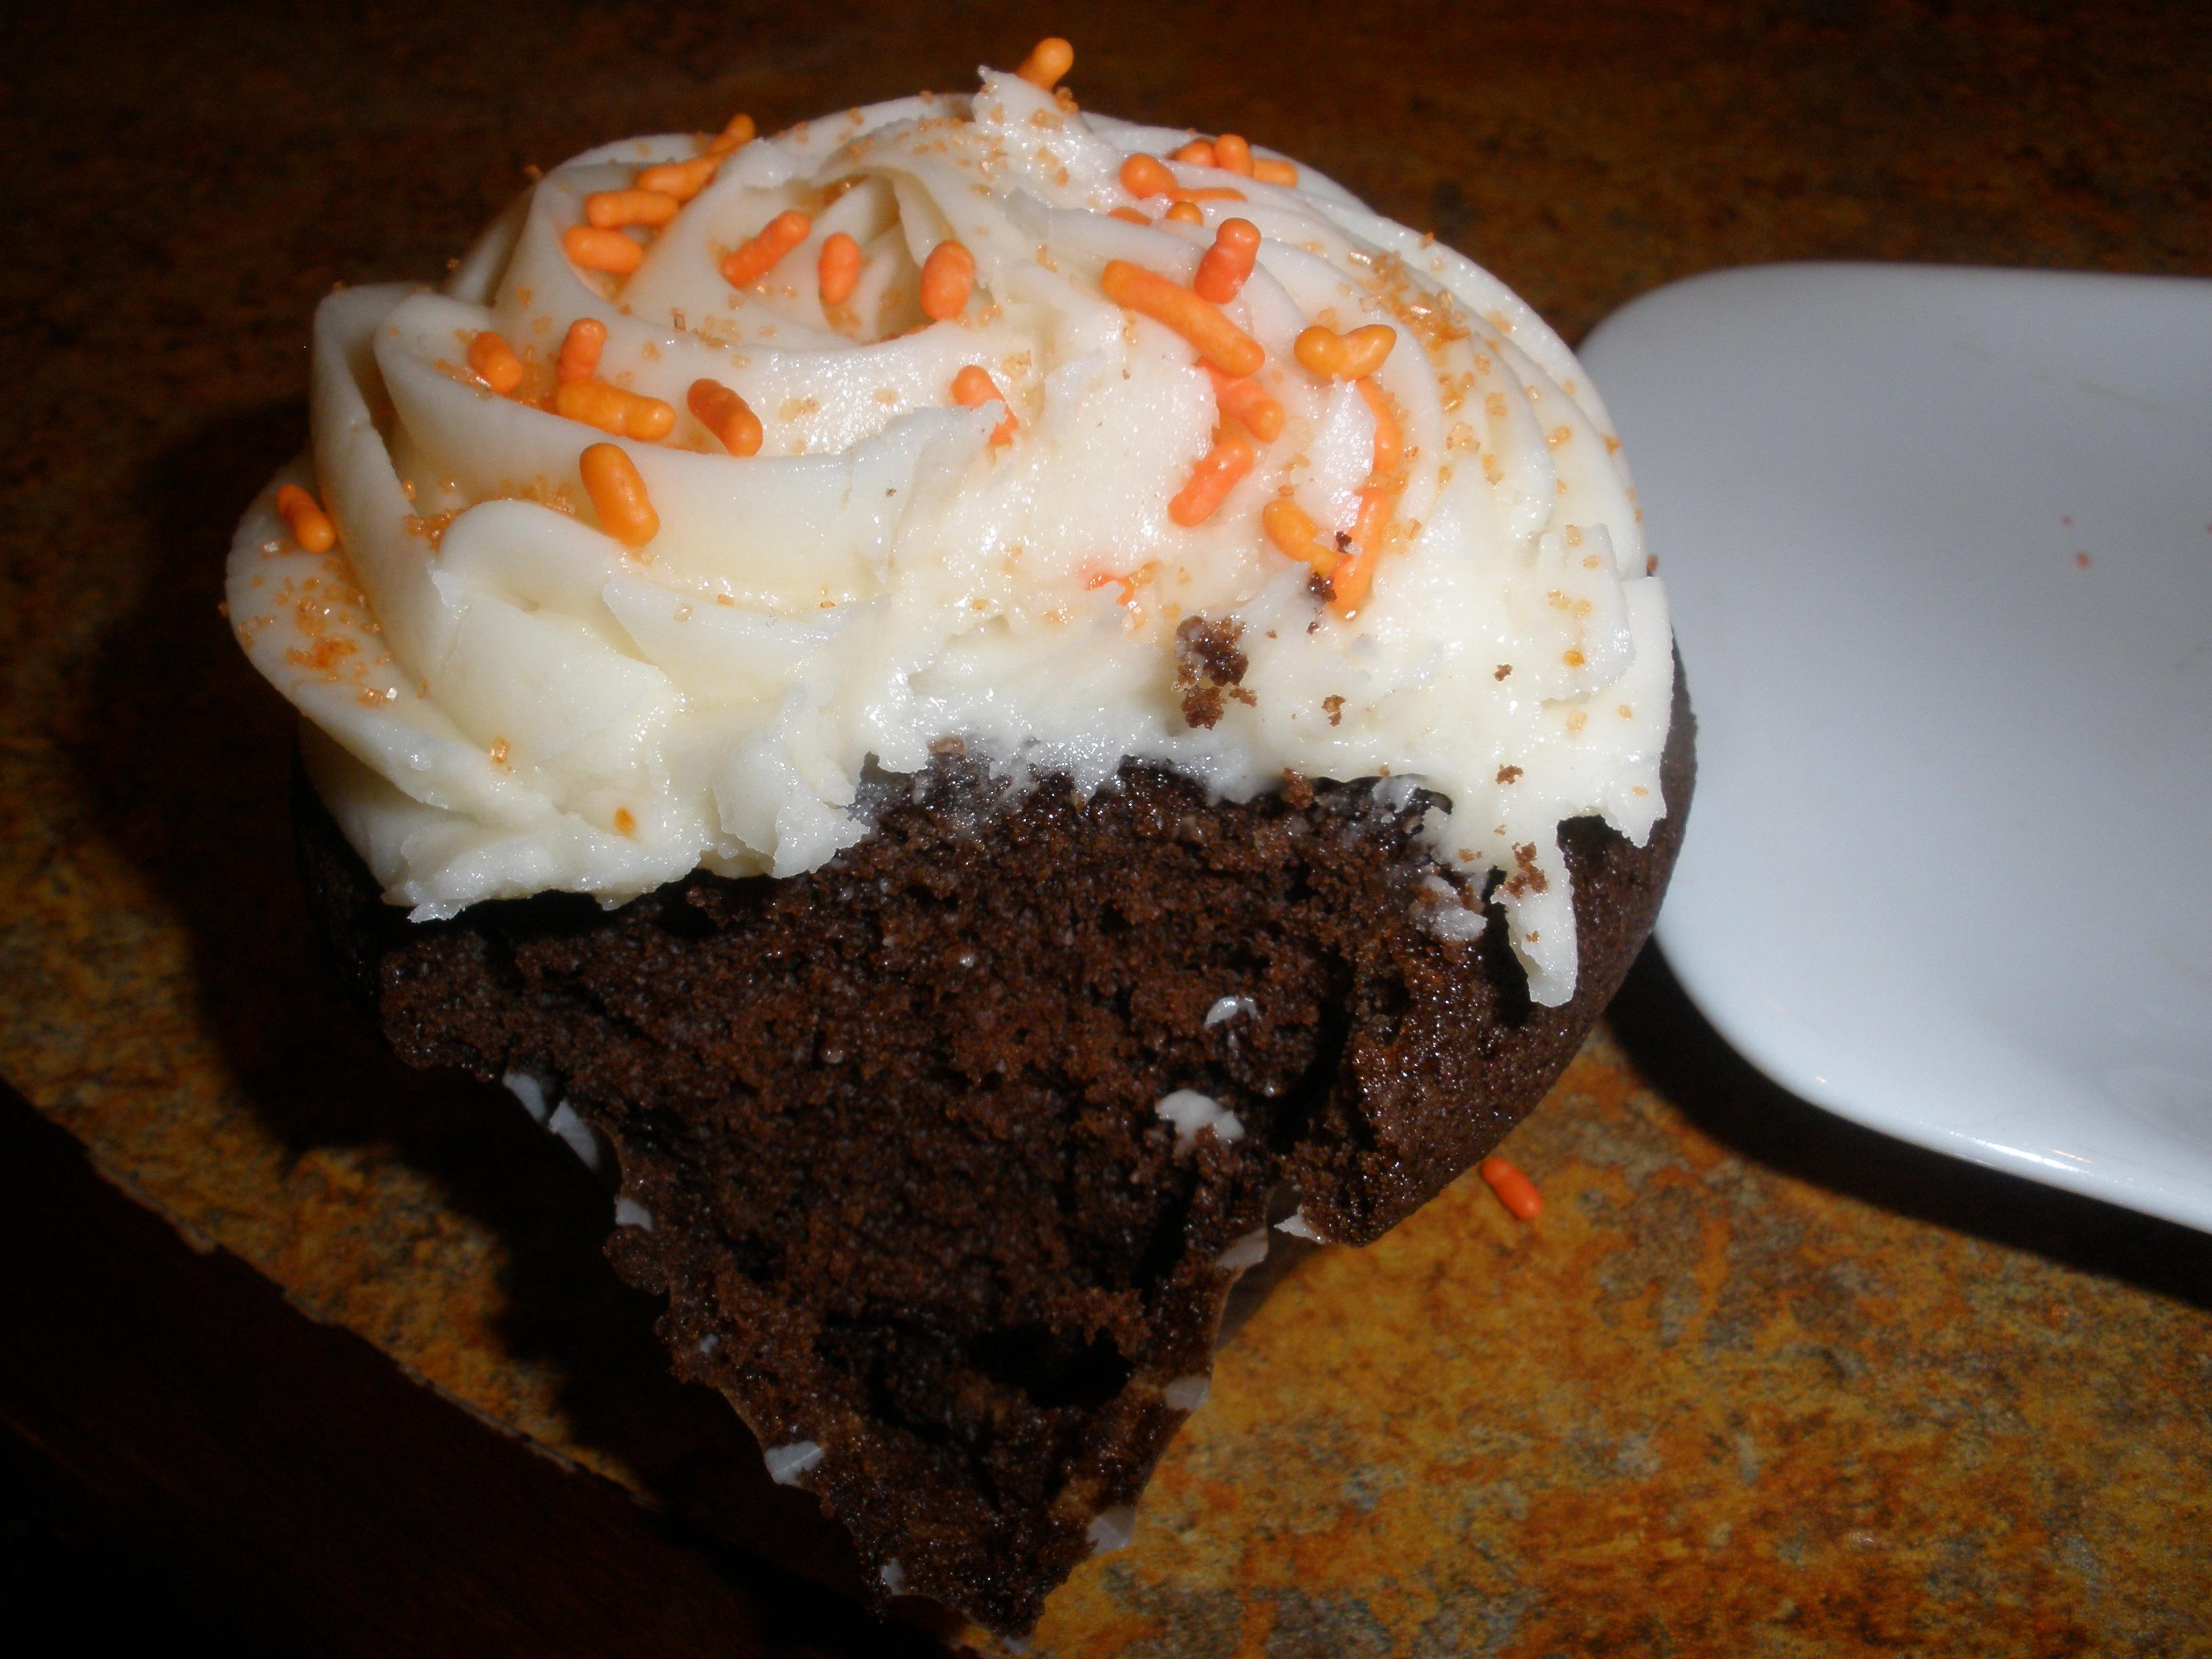 Innards of Chocolate Cupcake